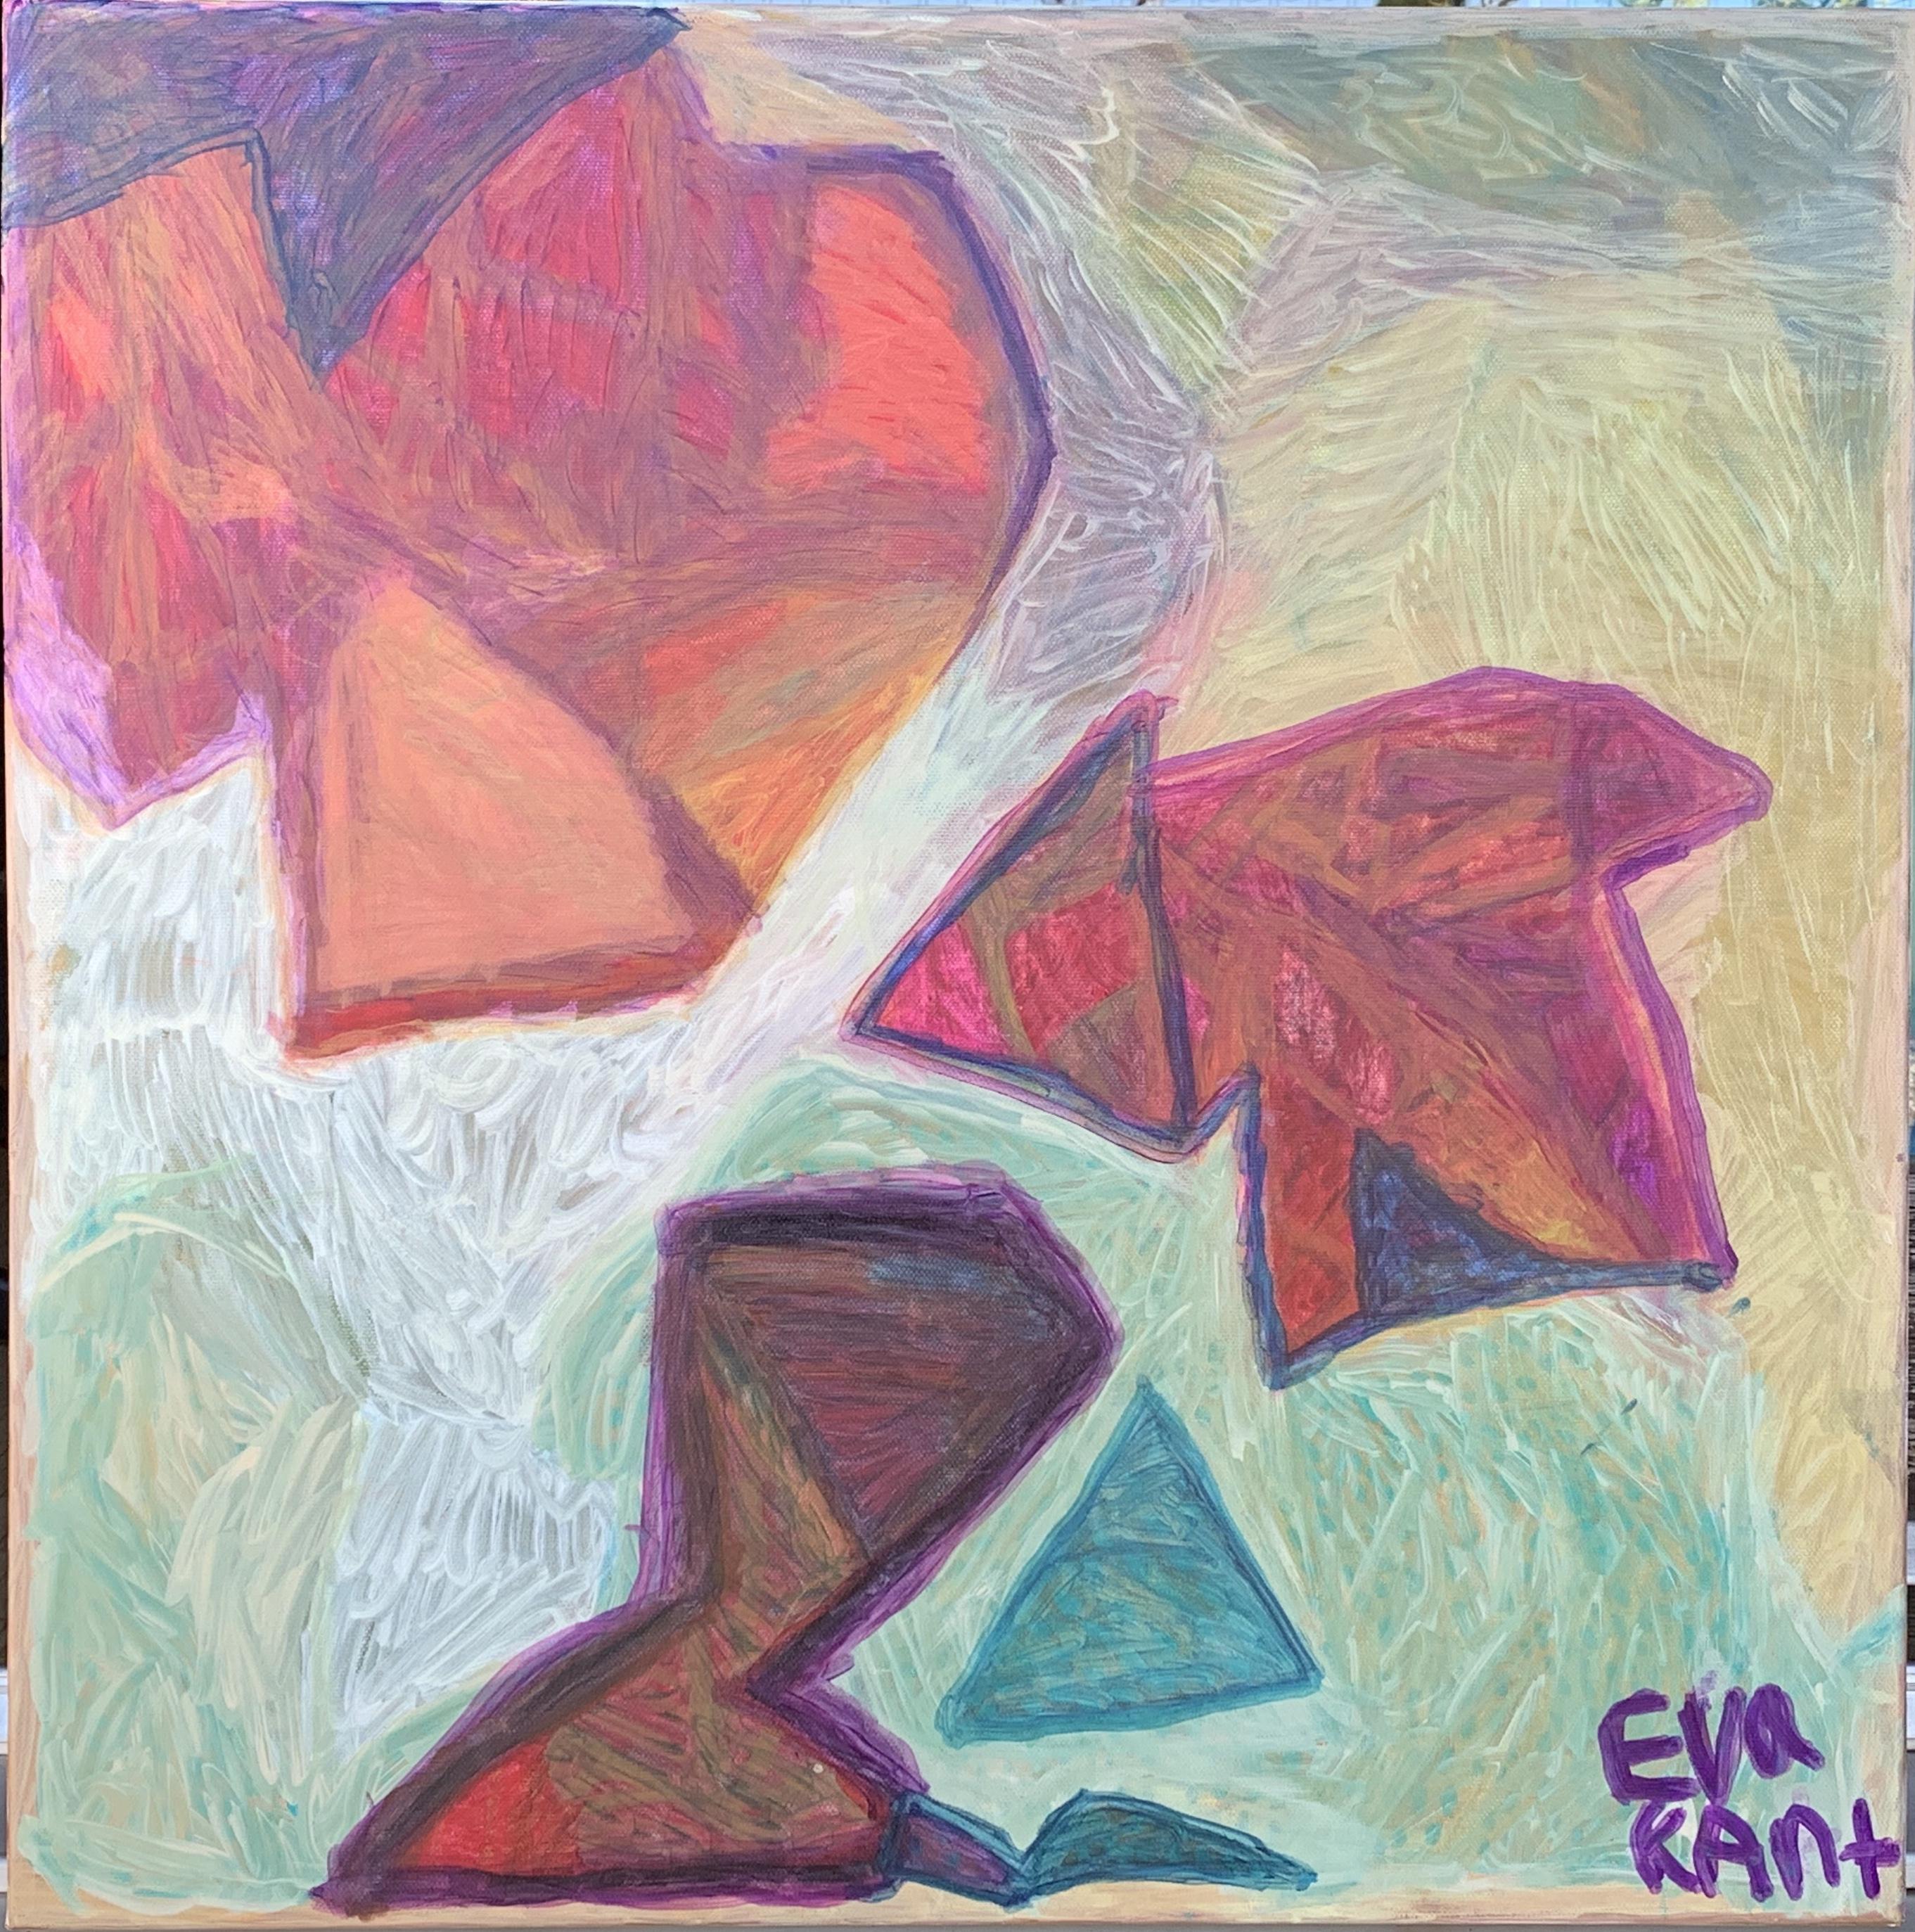 Géometrie-superposée © Eva M Kant